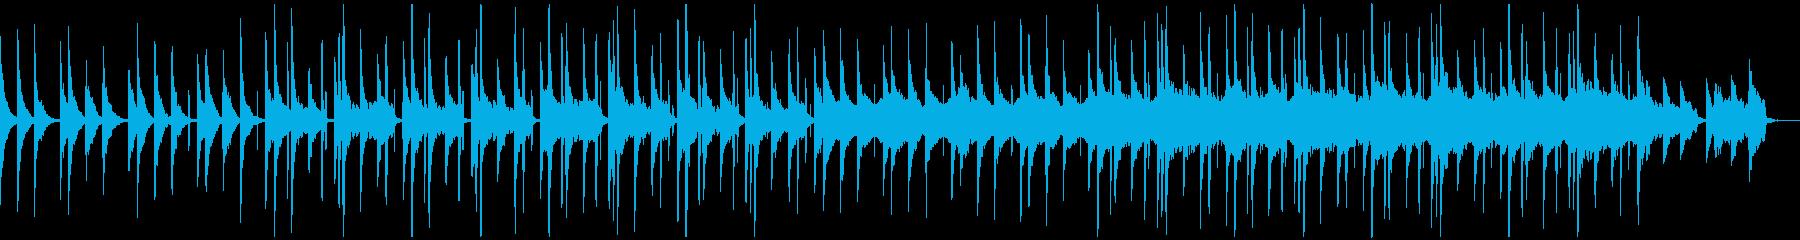 都会的 切ない シンセ BGMの再生済みの波形